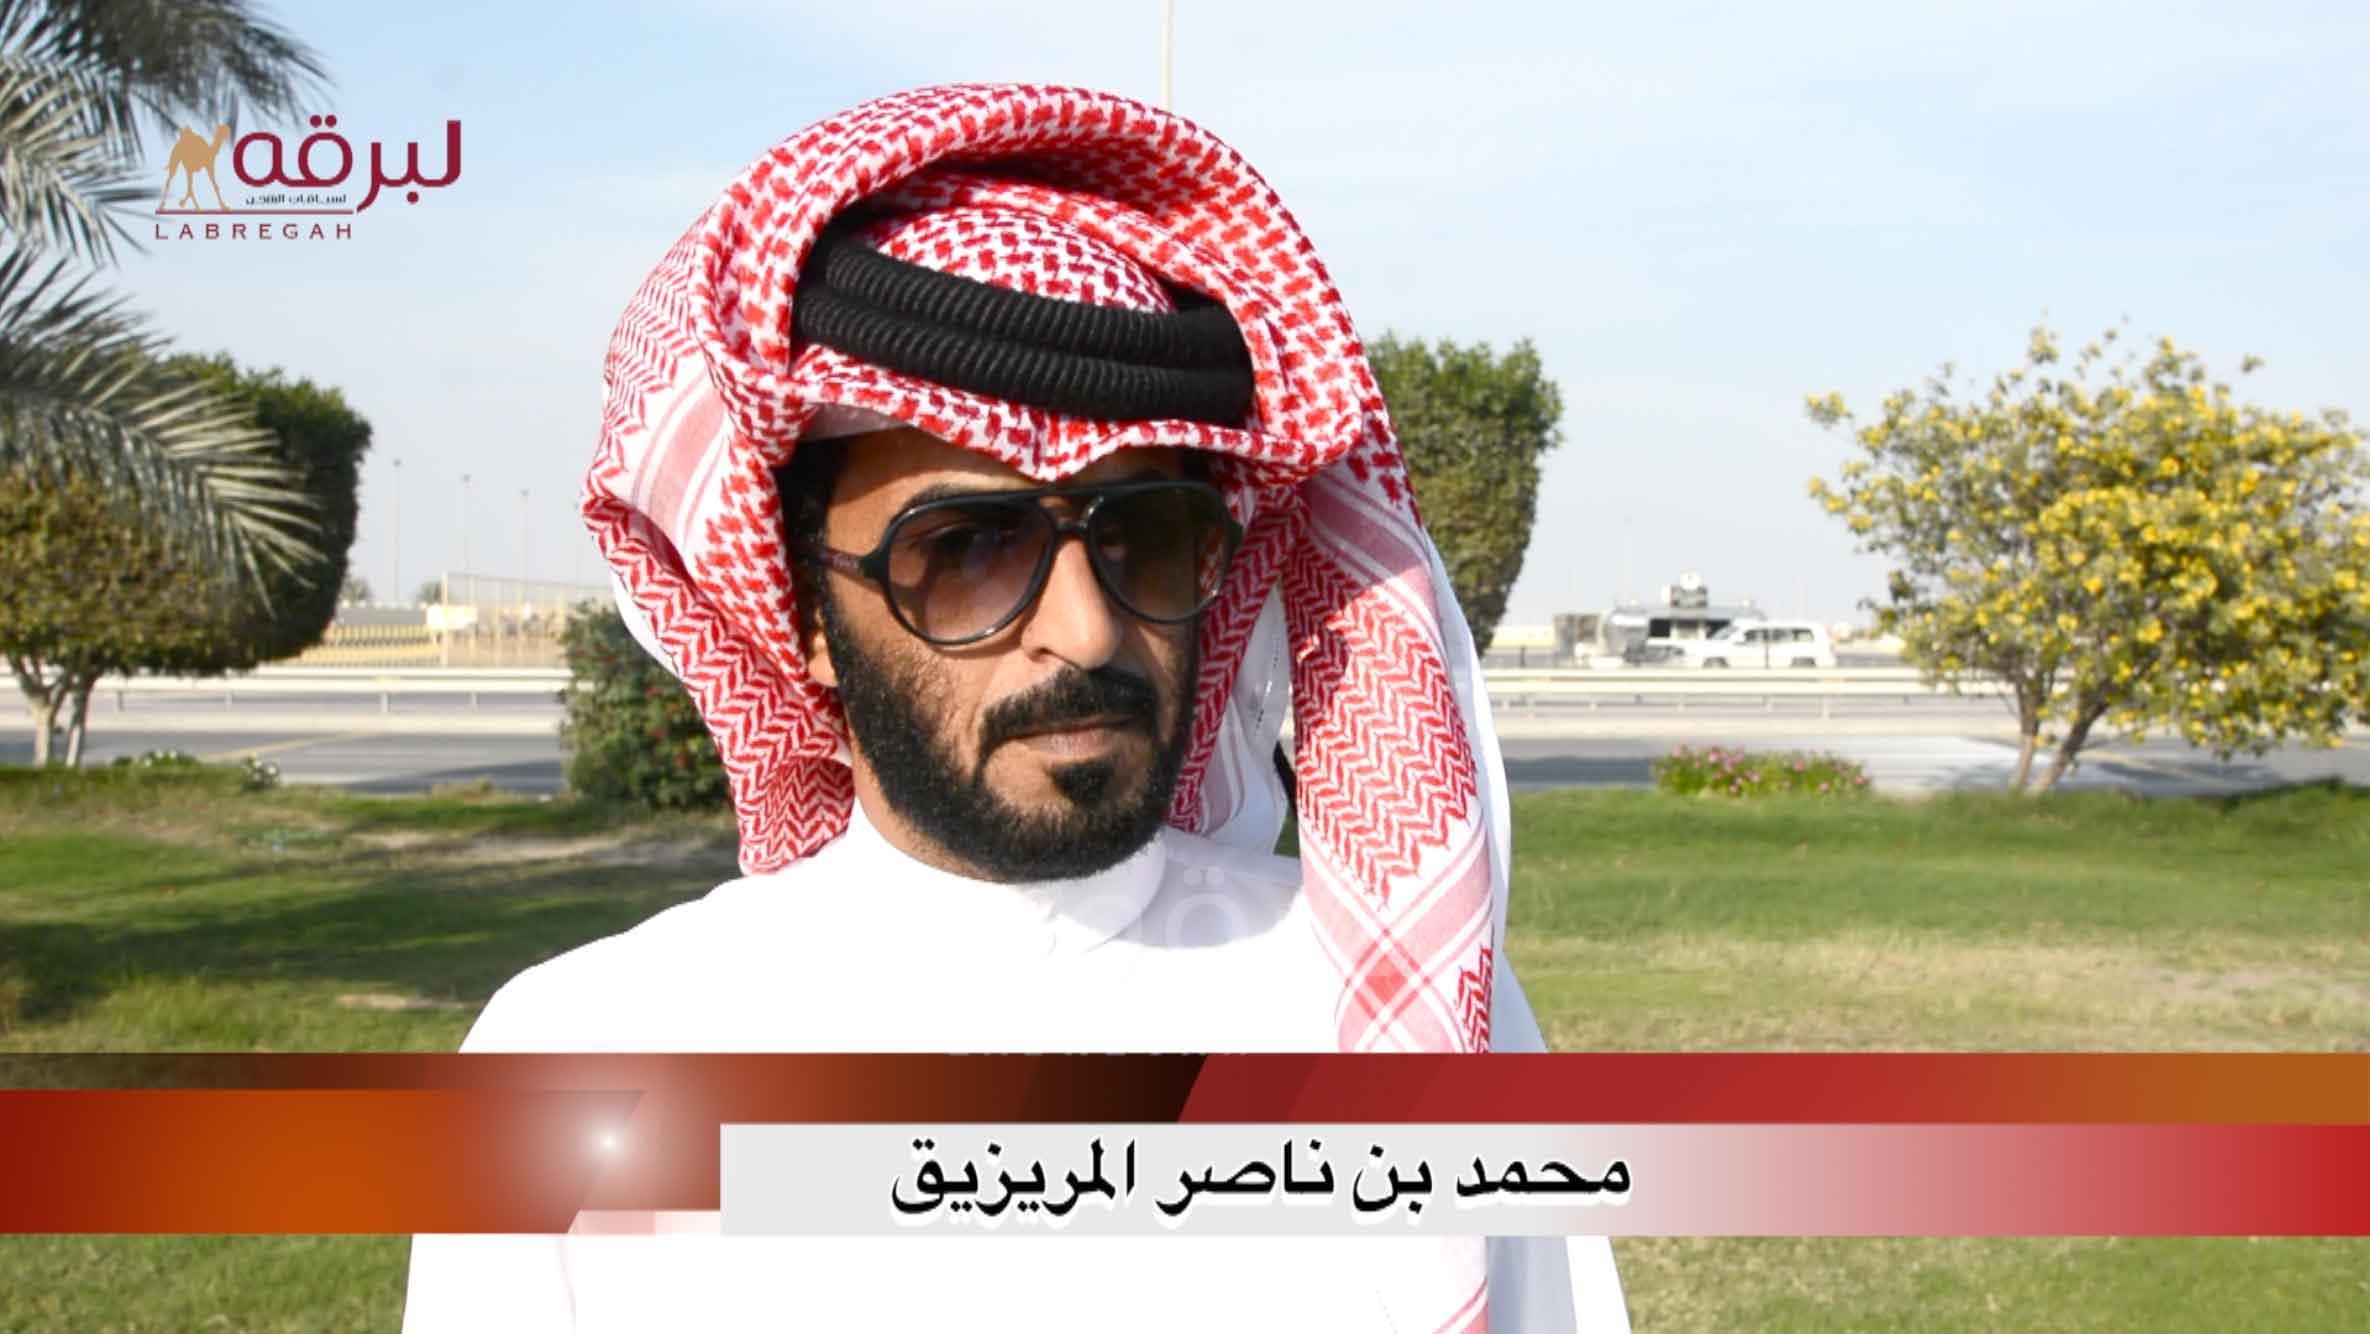 لقاء مع محمد بن ناصر المريزيق.. الشوط الرئيسي حقايق قعدان « مفتوح » الأشواط العامة  ١١-٢-٢٠٢١